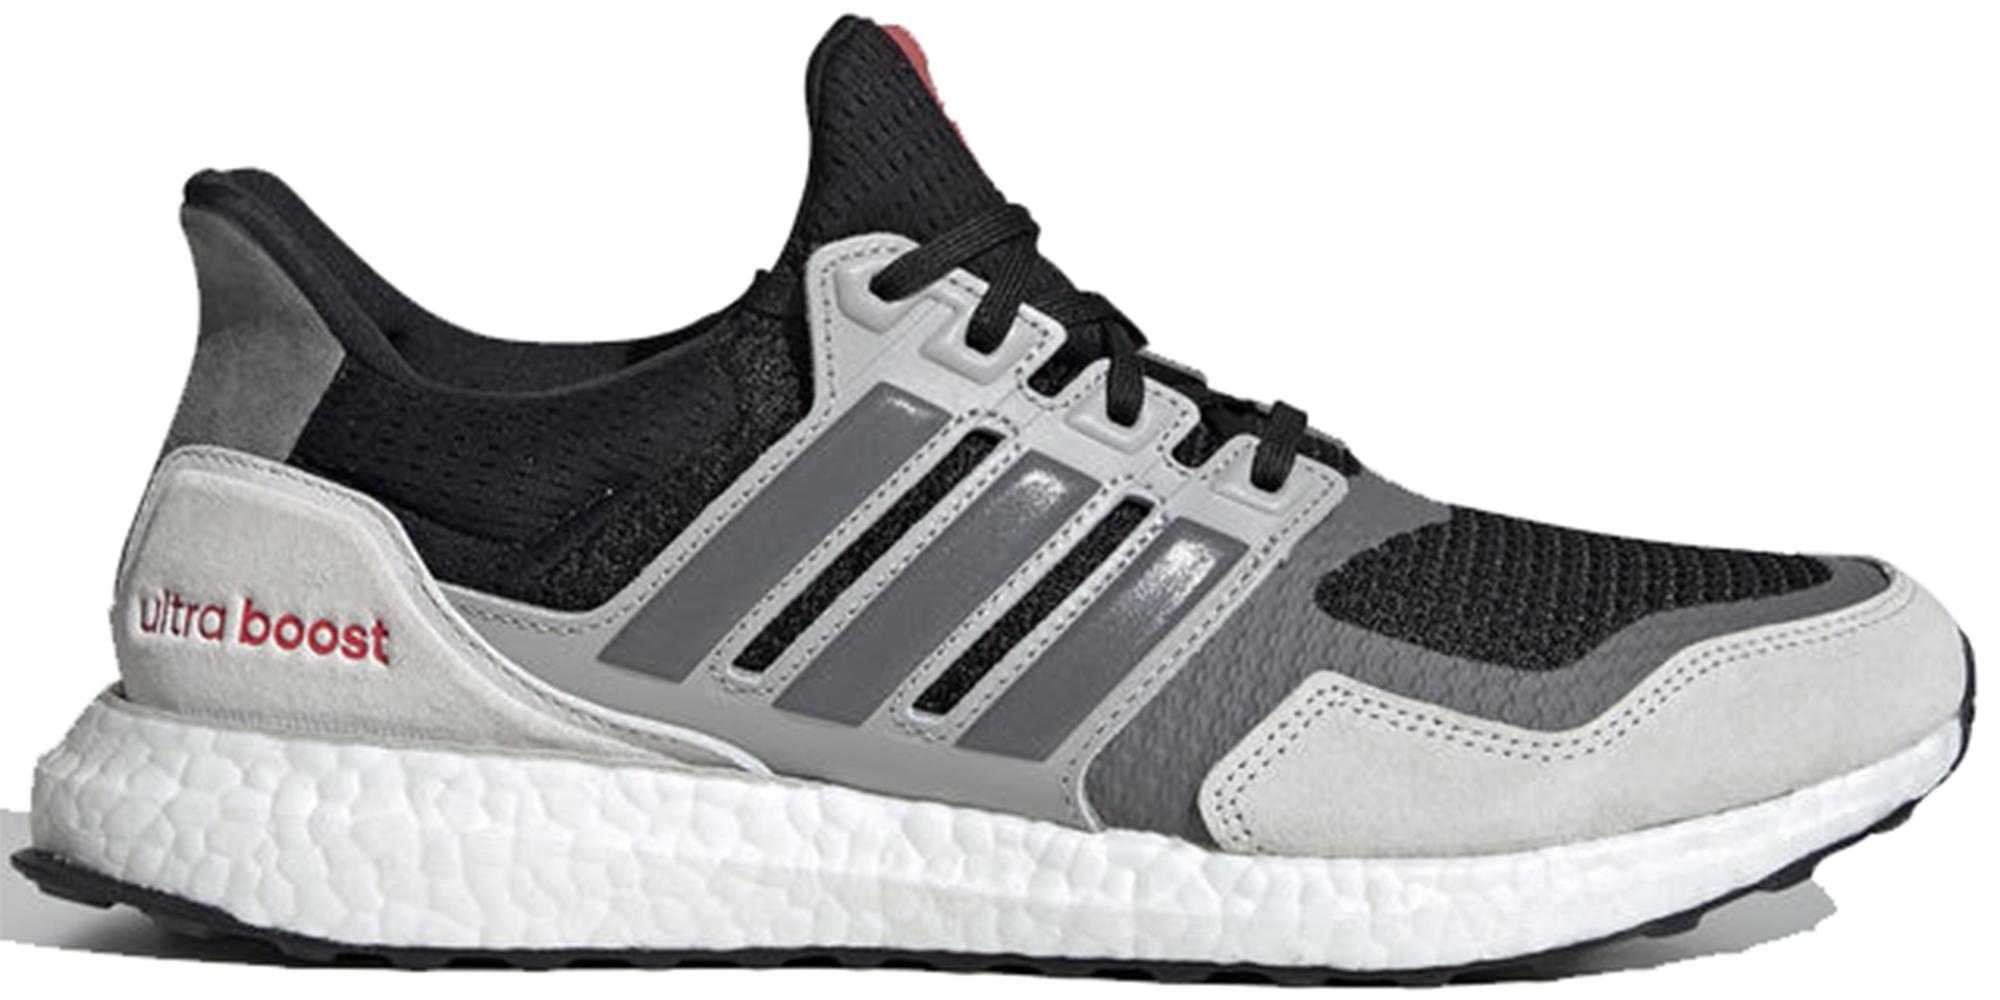 Adidas Yeezy Boost 750 Shoes UK \u0026 US